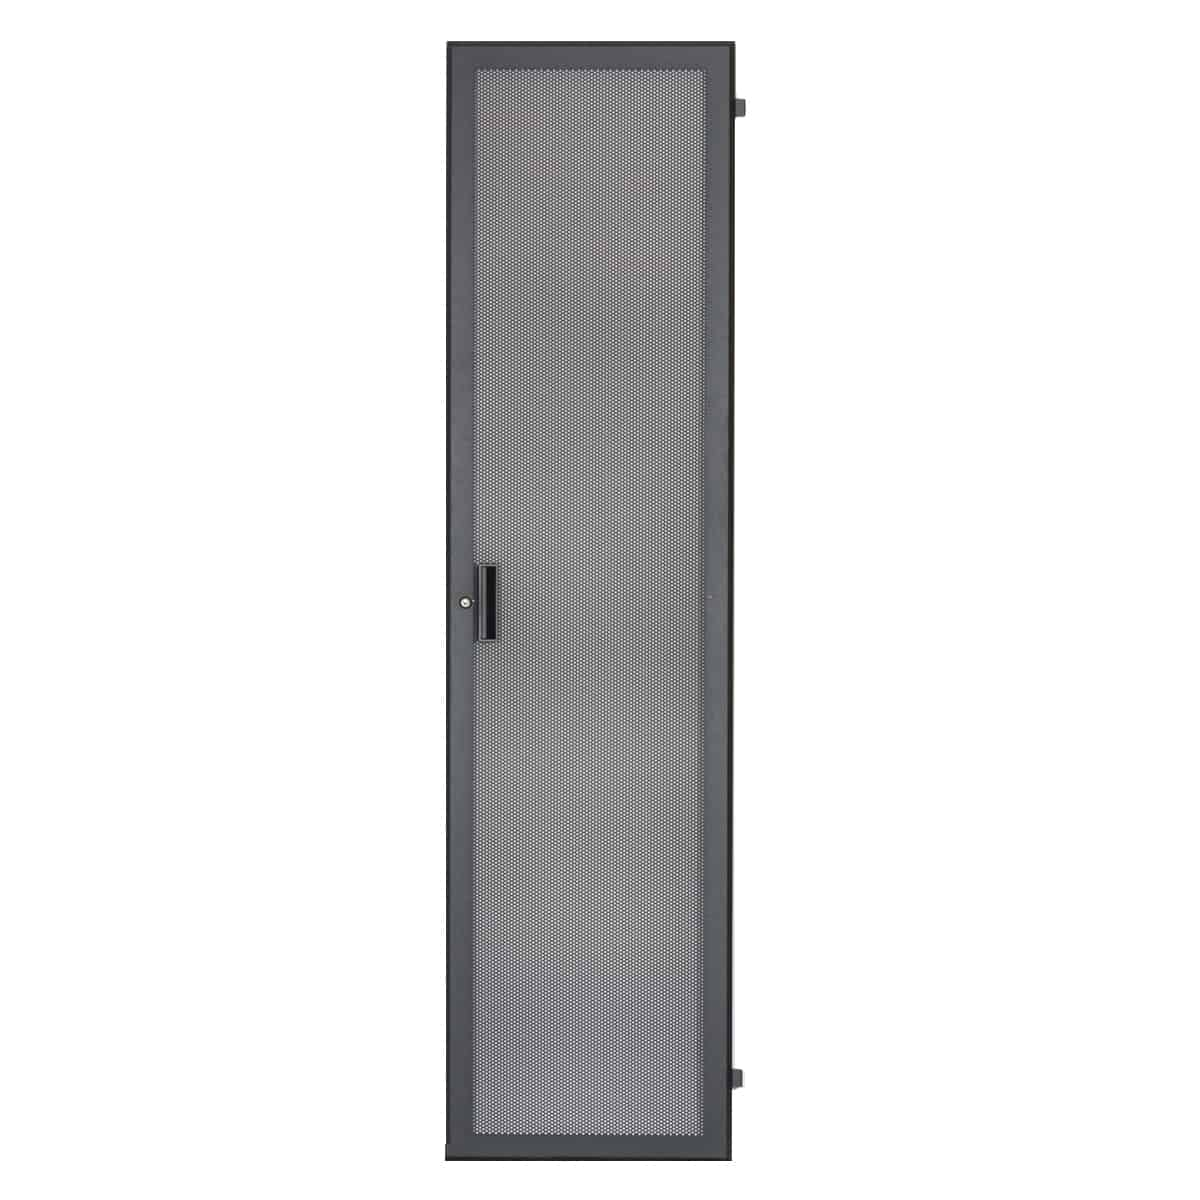 AV rack doors